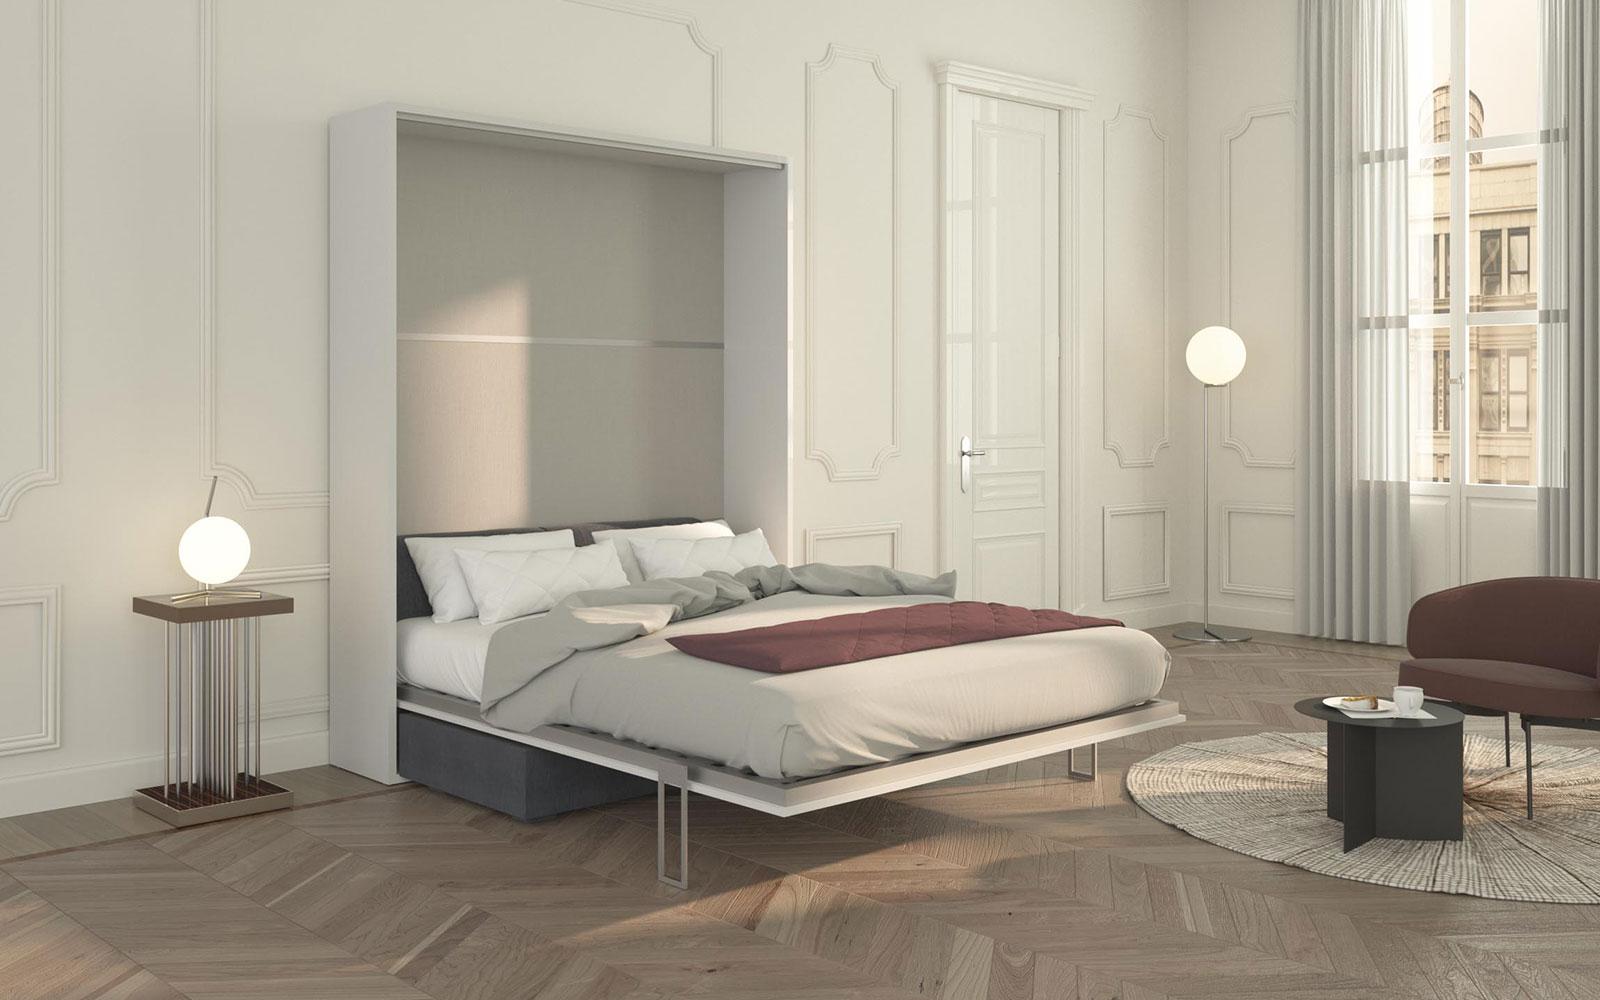 Piuma sofa 160 letto matrimoniale a scomparsa con divano - Divano letto a tre posti ...